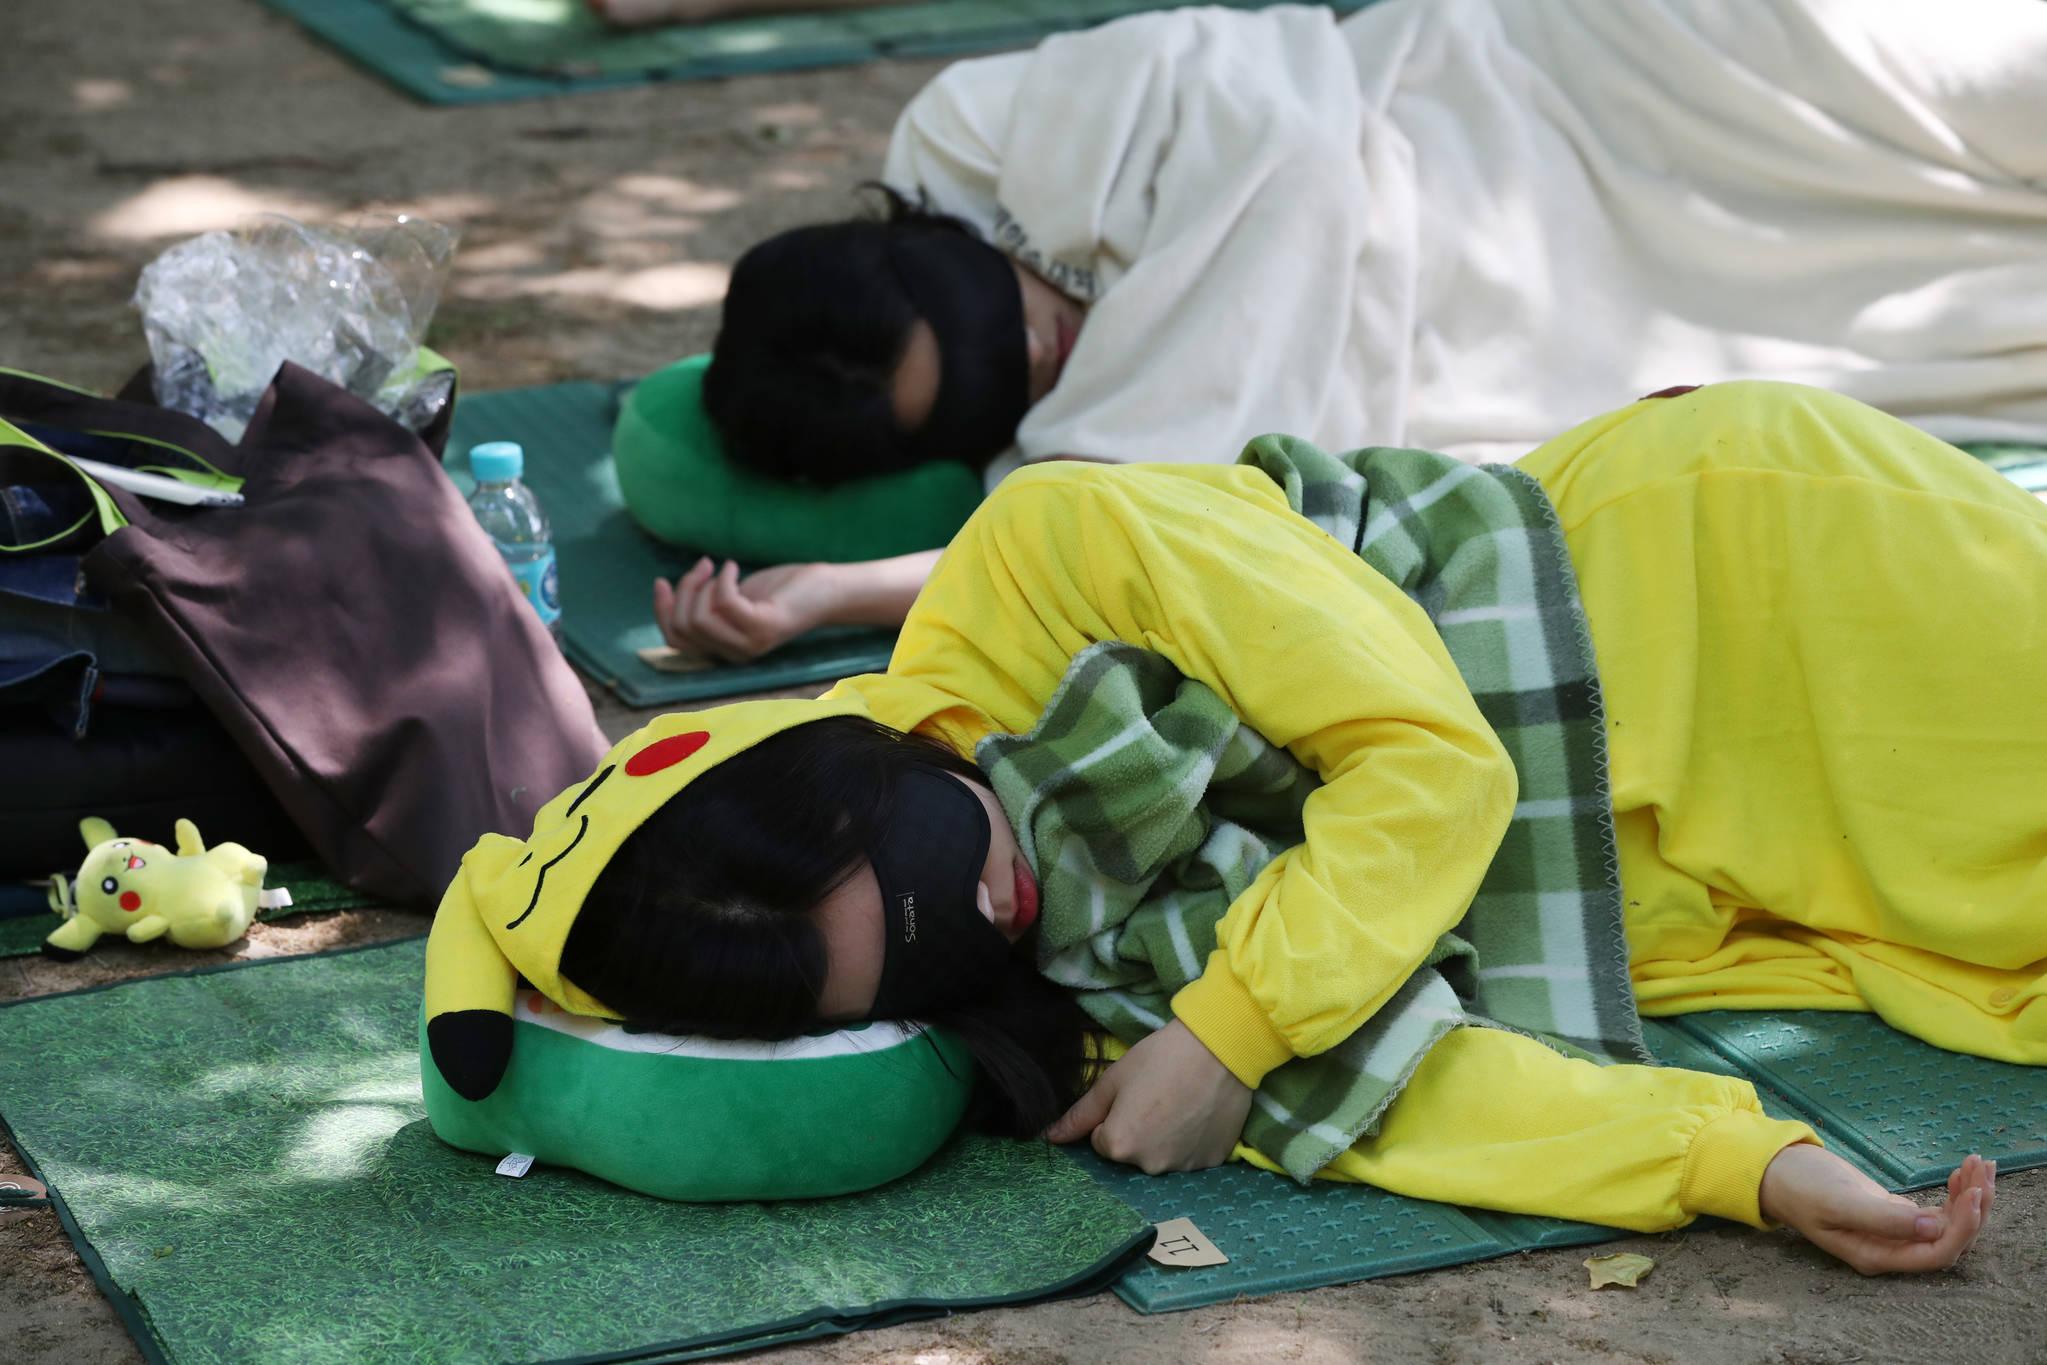 피카츄 잠옷을 입고 잠든 참가자.